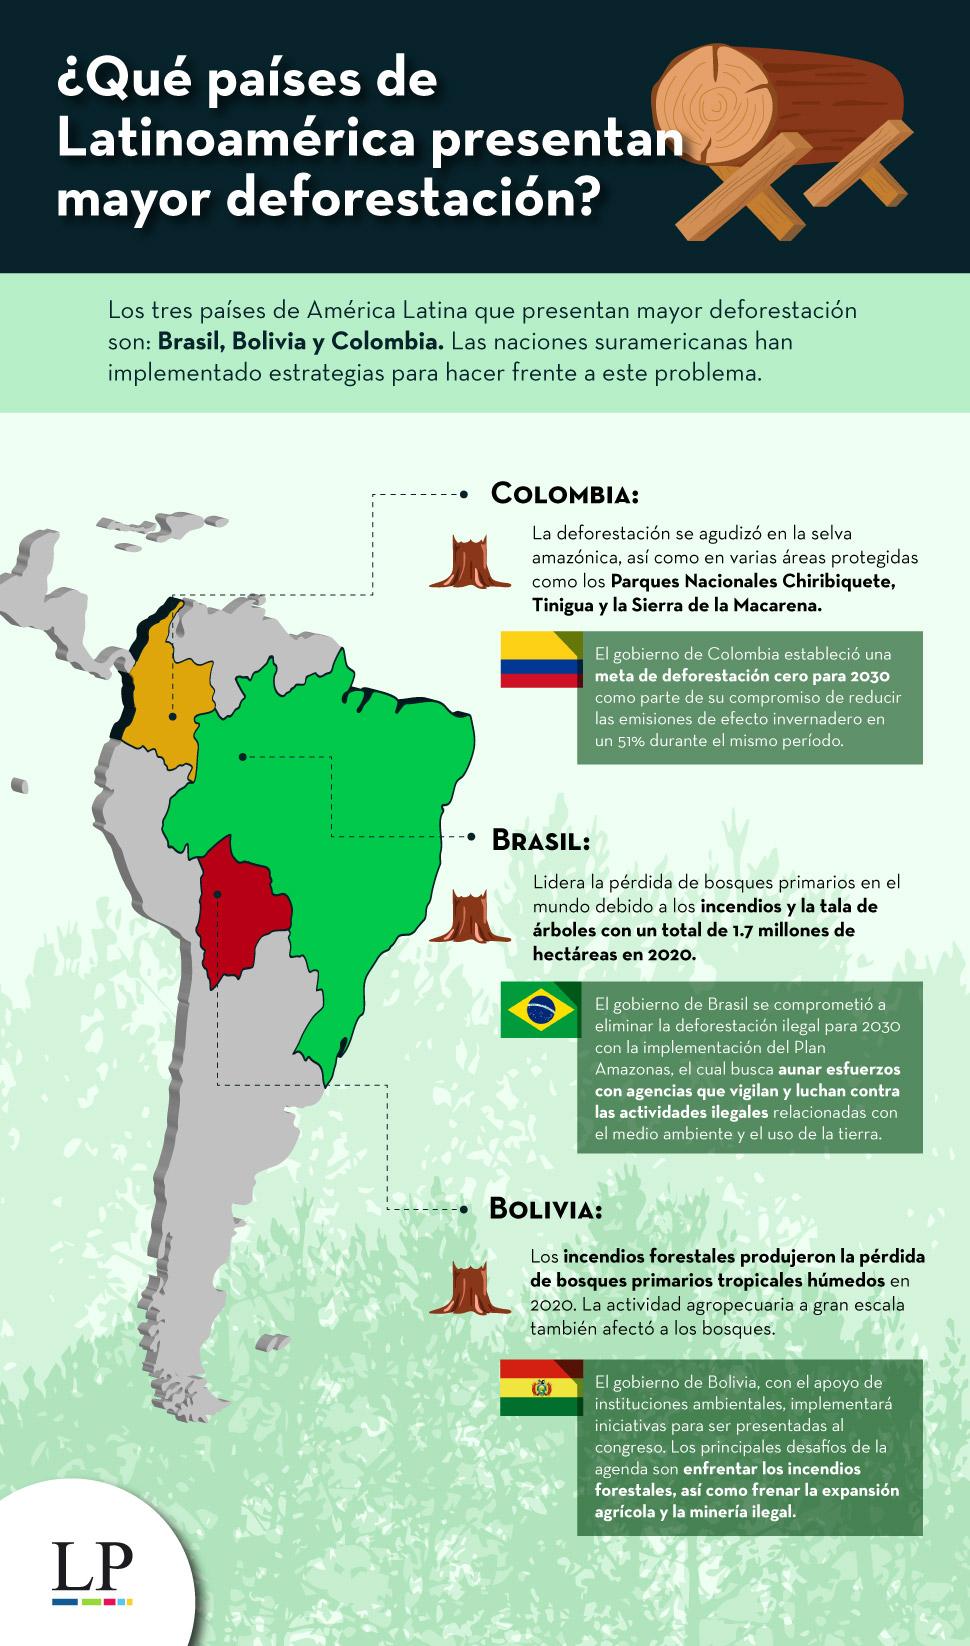 Deforestación en latinoamérica